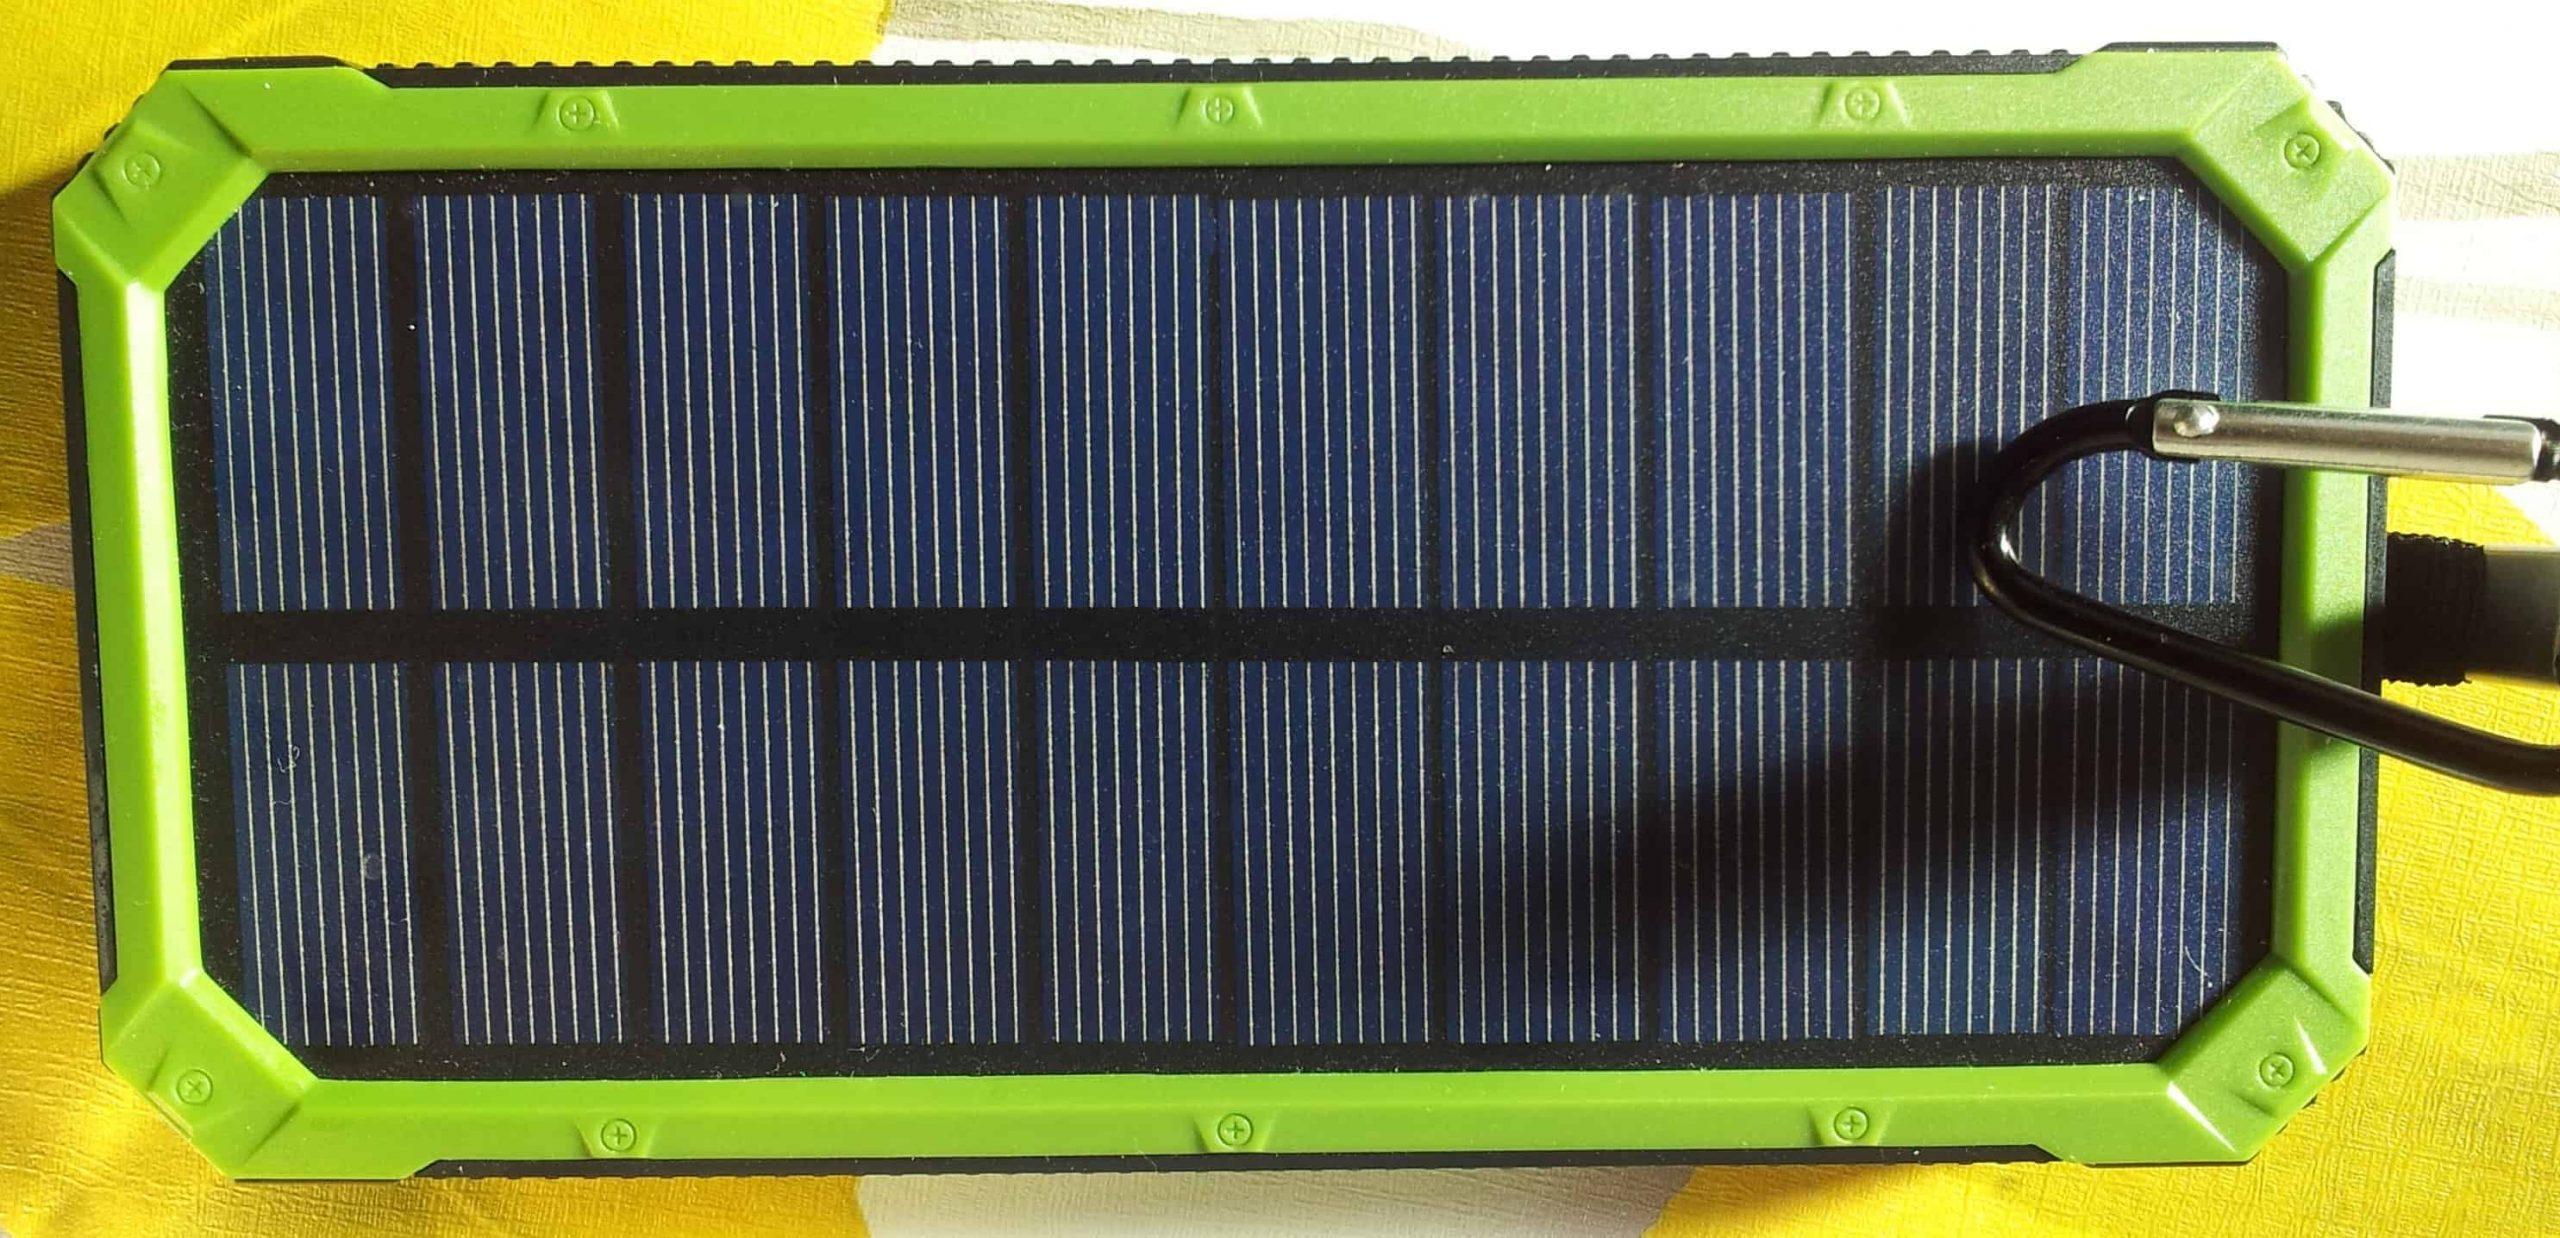 Miglior caricabatterie solare per smartphone 2020: Guida all'acquisto